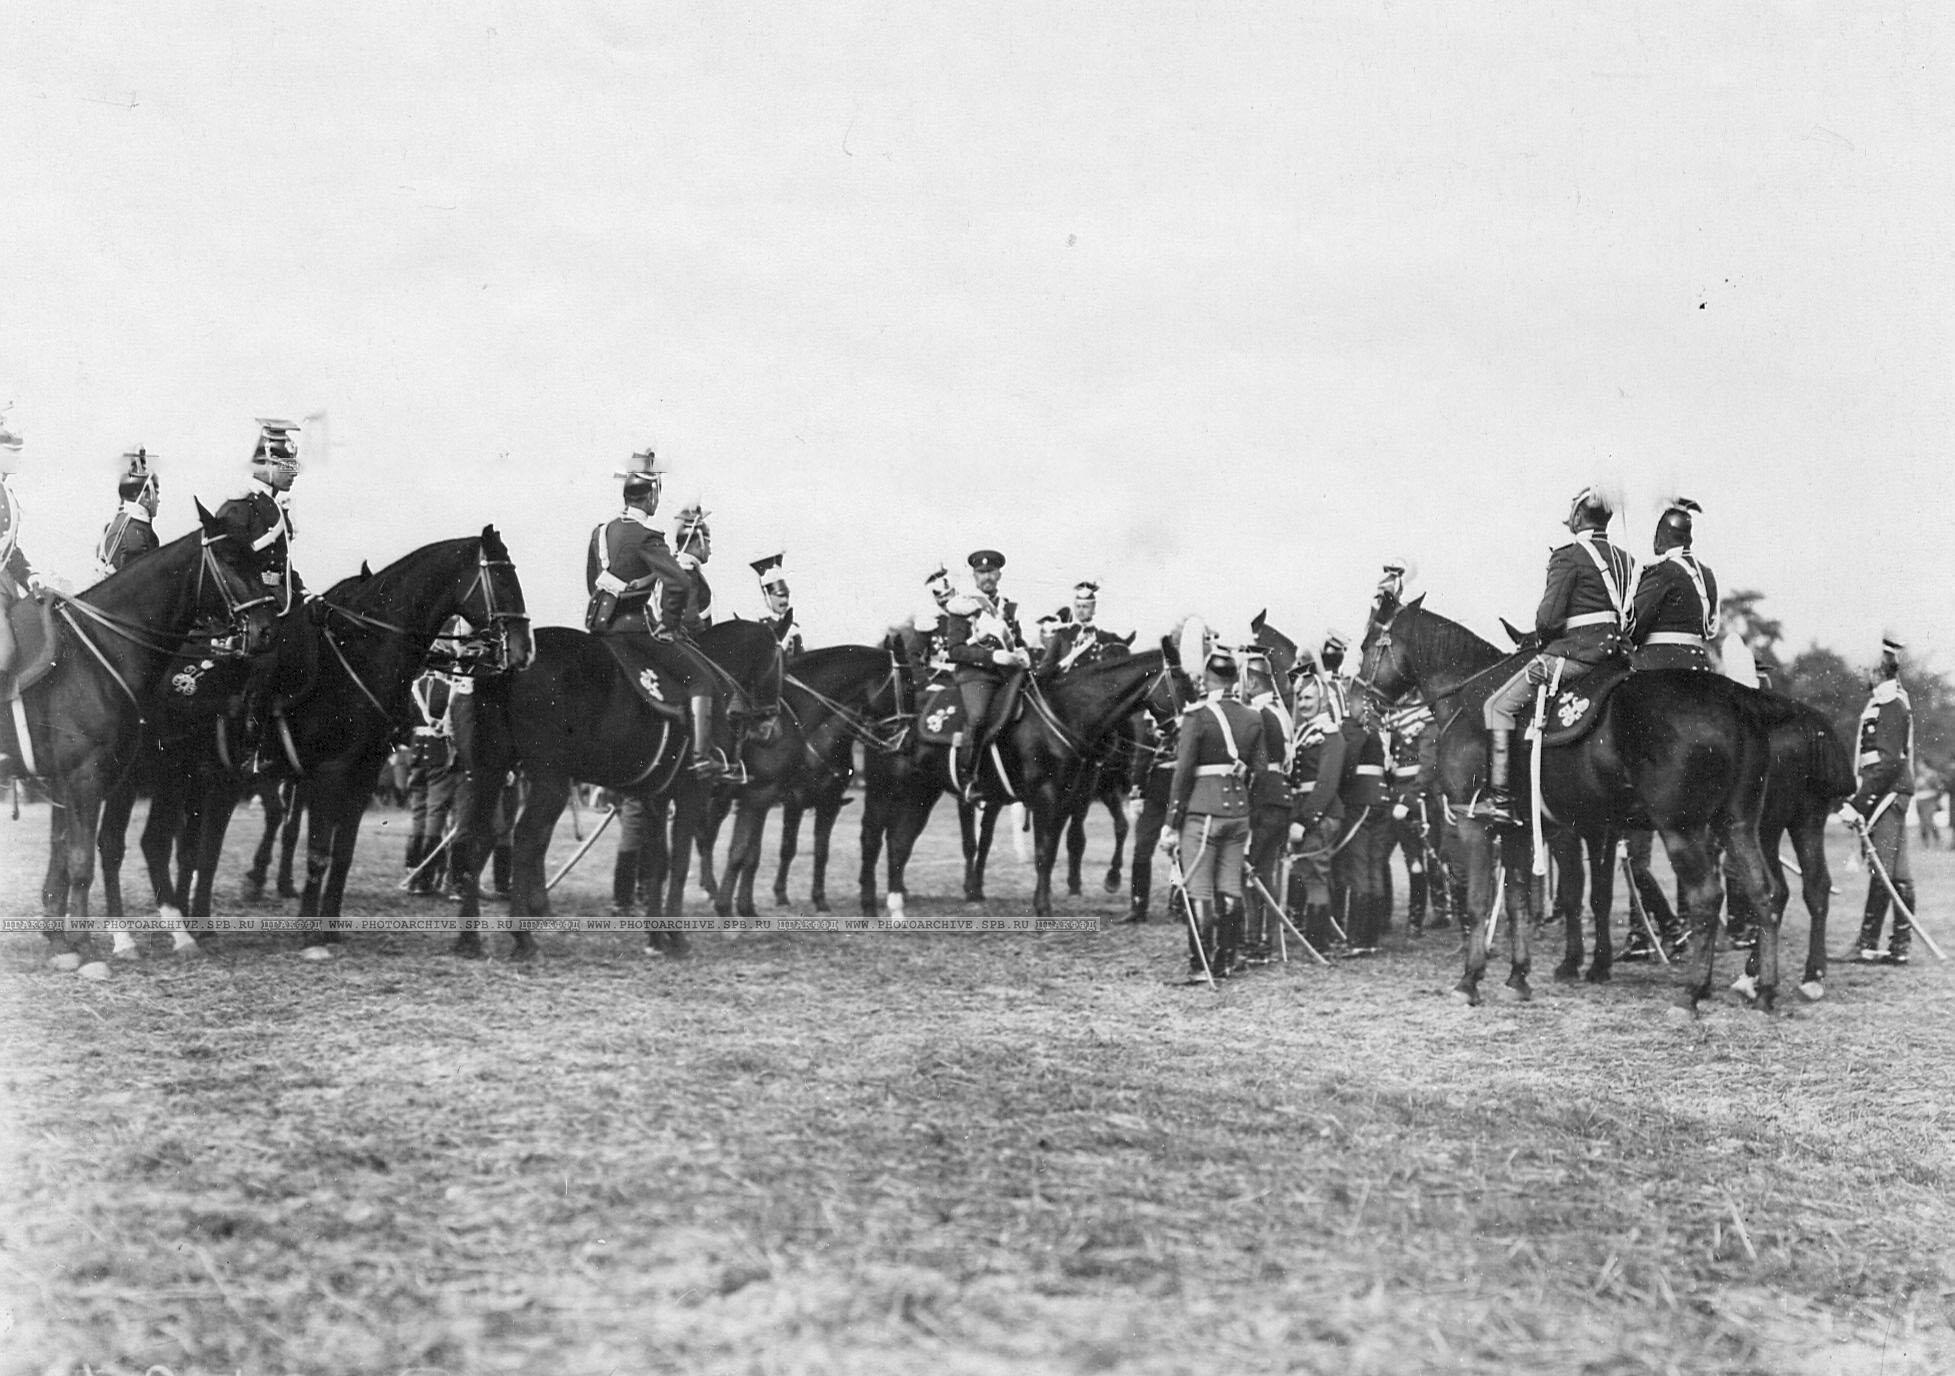 Группа офицеров во главе с командиром полка генерал-майором Л.Н.фон Баумгартенем (командир - в фуражке, вследствие ранения головы парадный головной убор носить не может)